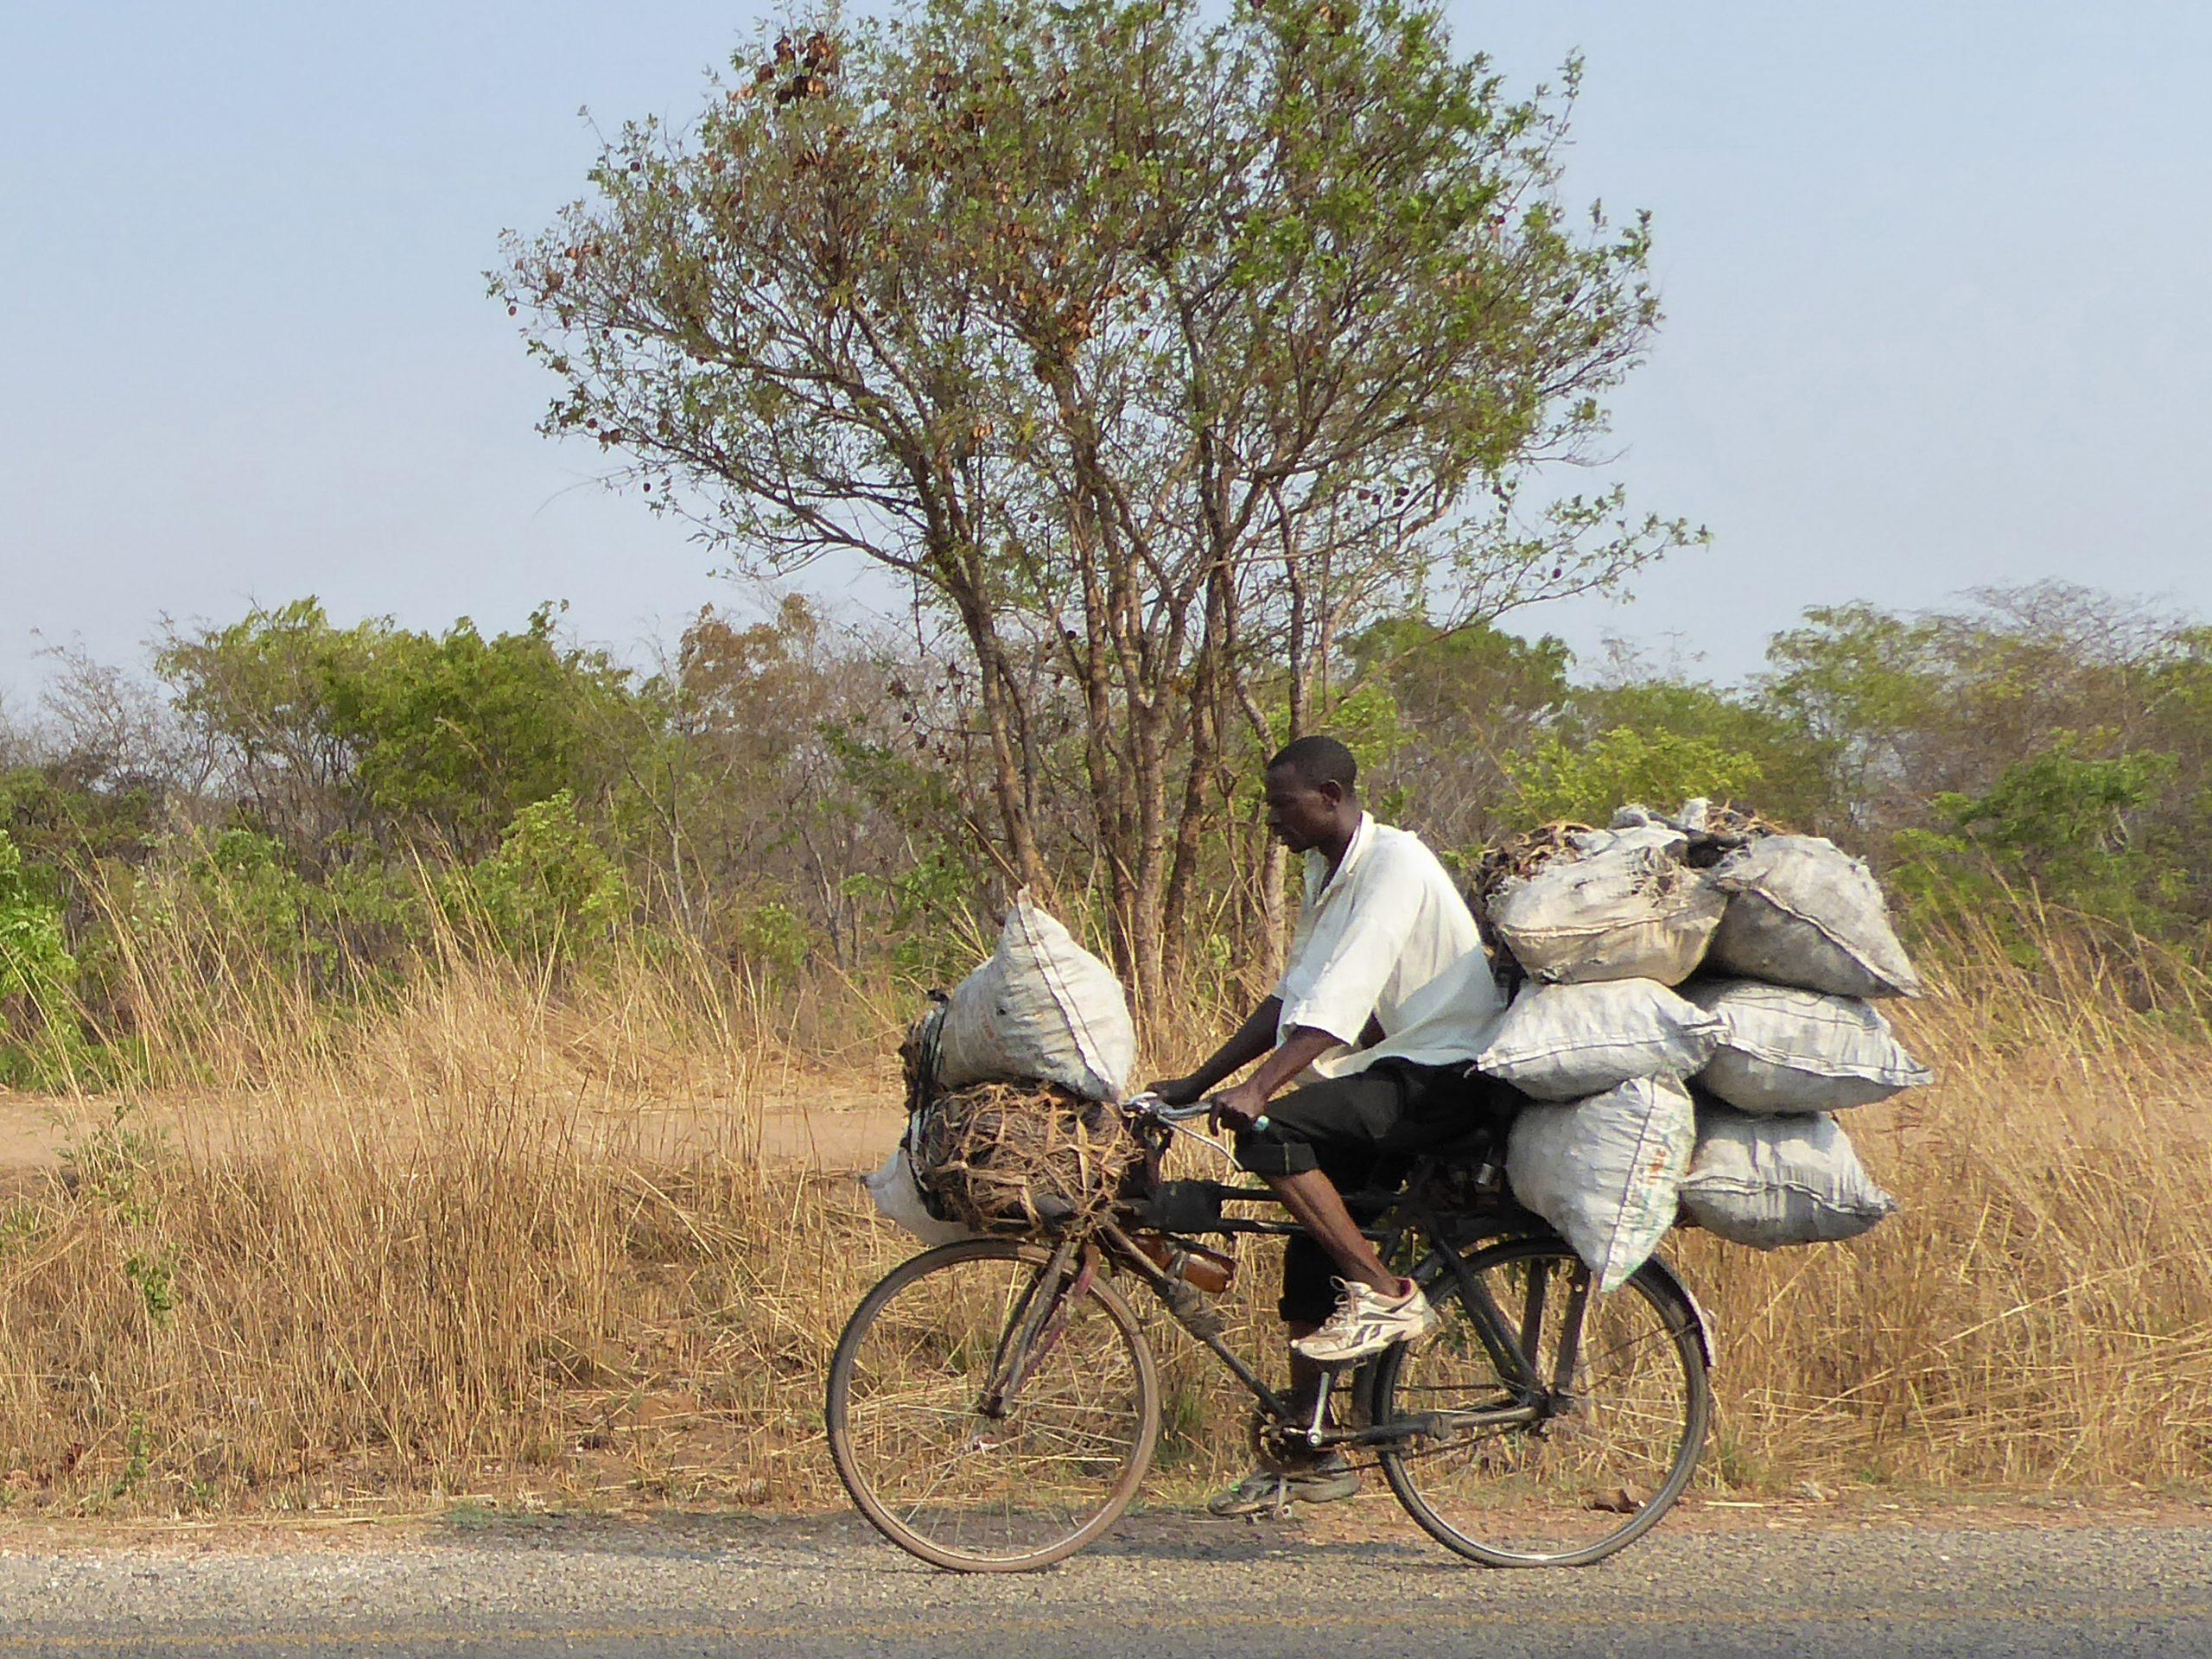 Radreise Afrika 2014 - Brennholz-Transport per Fahrrad